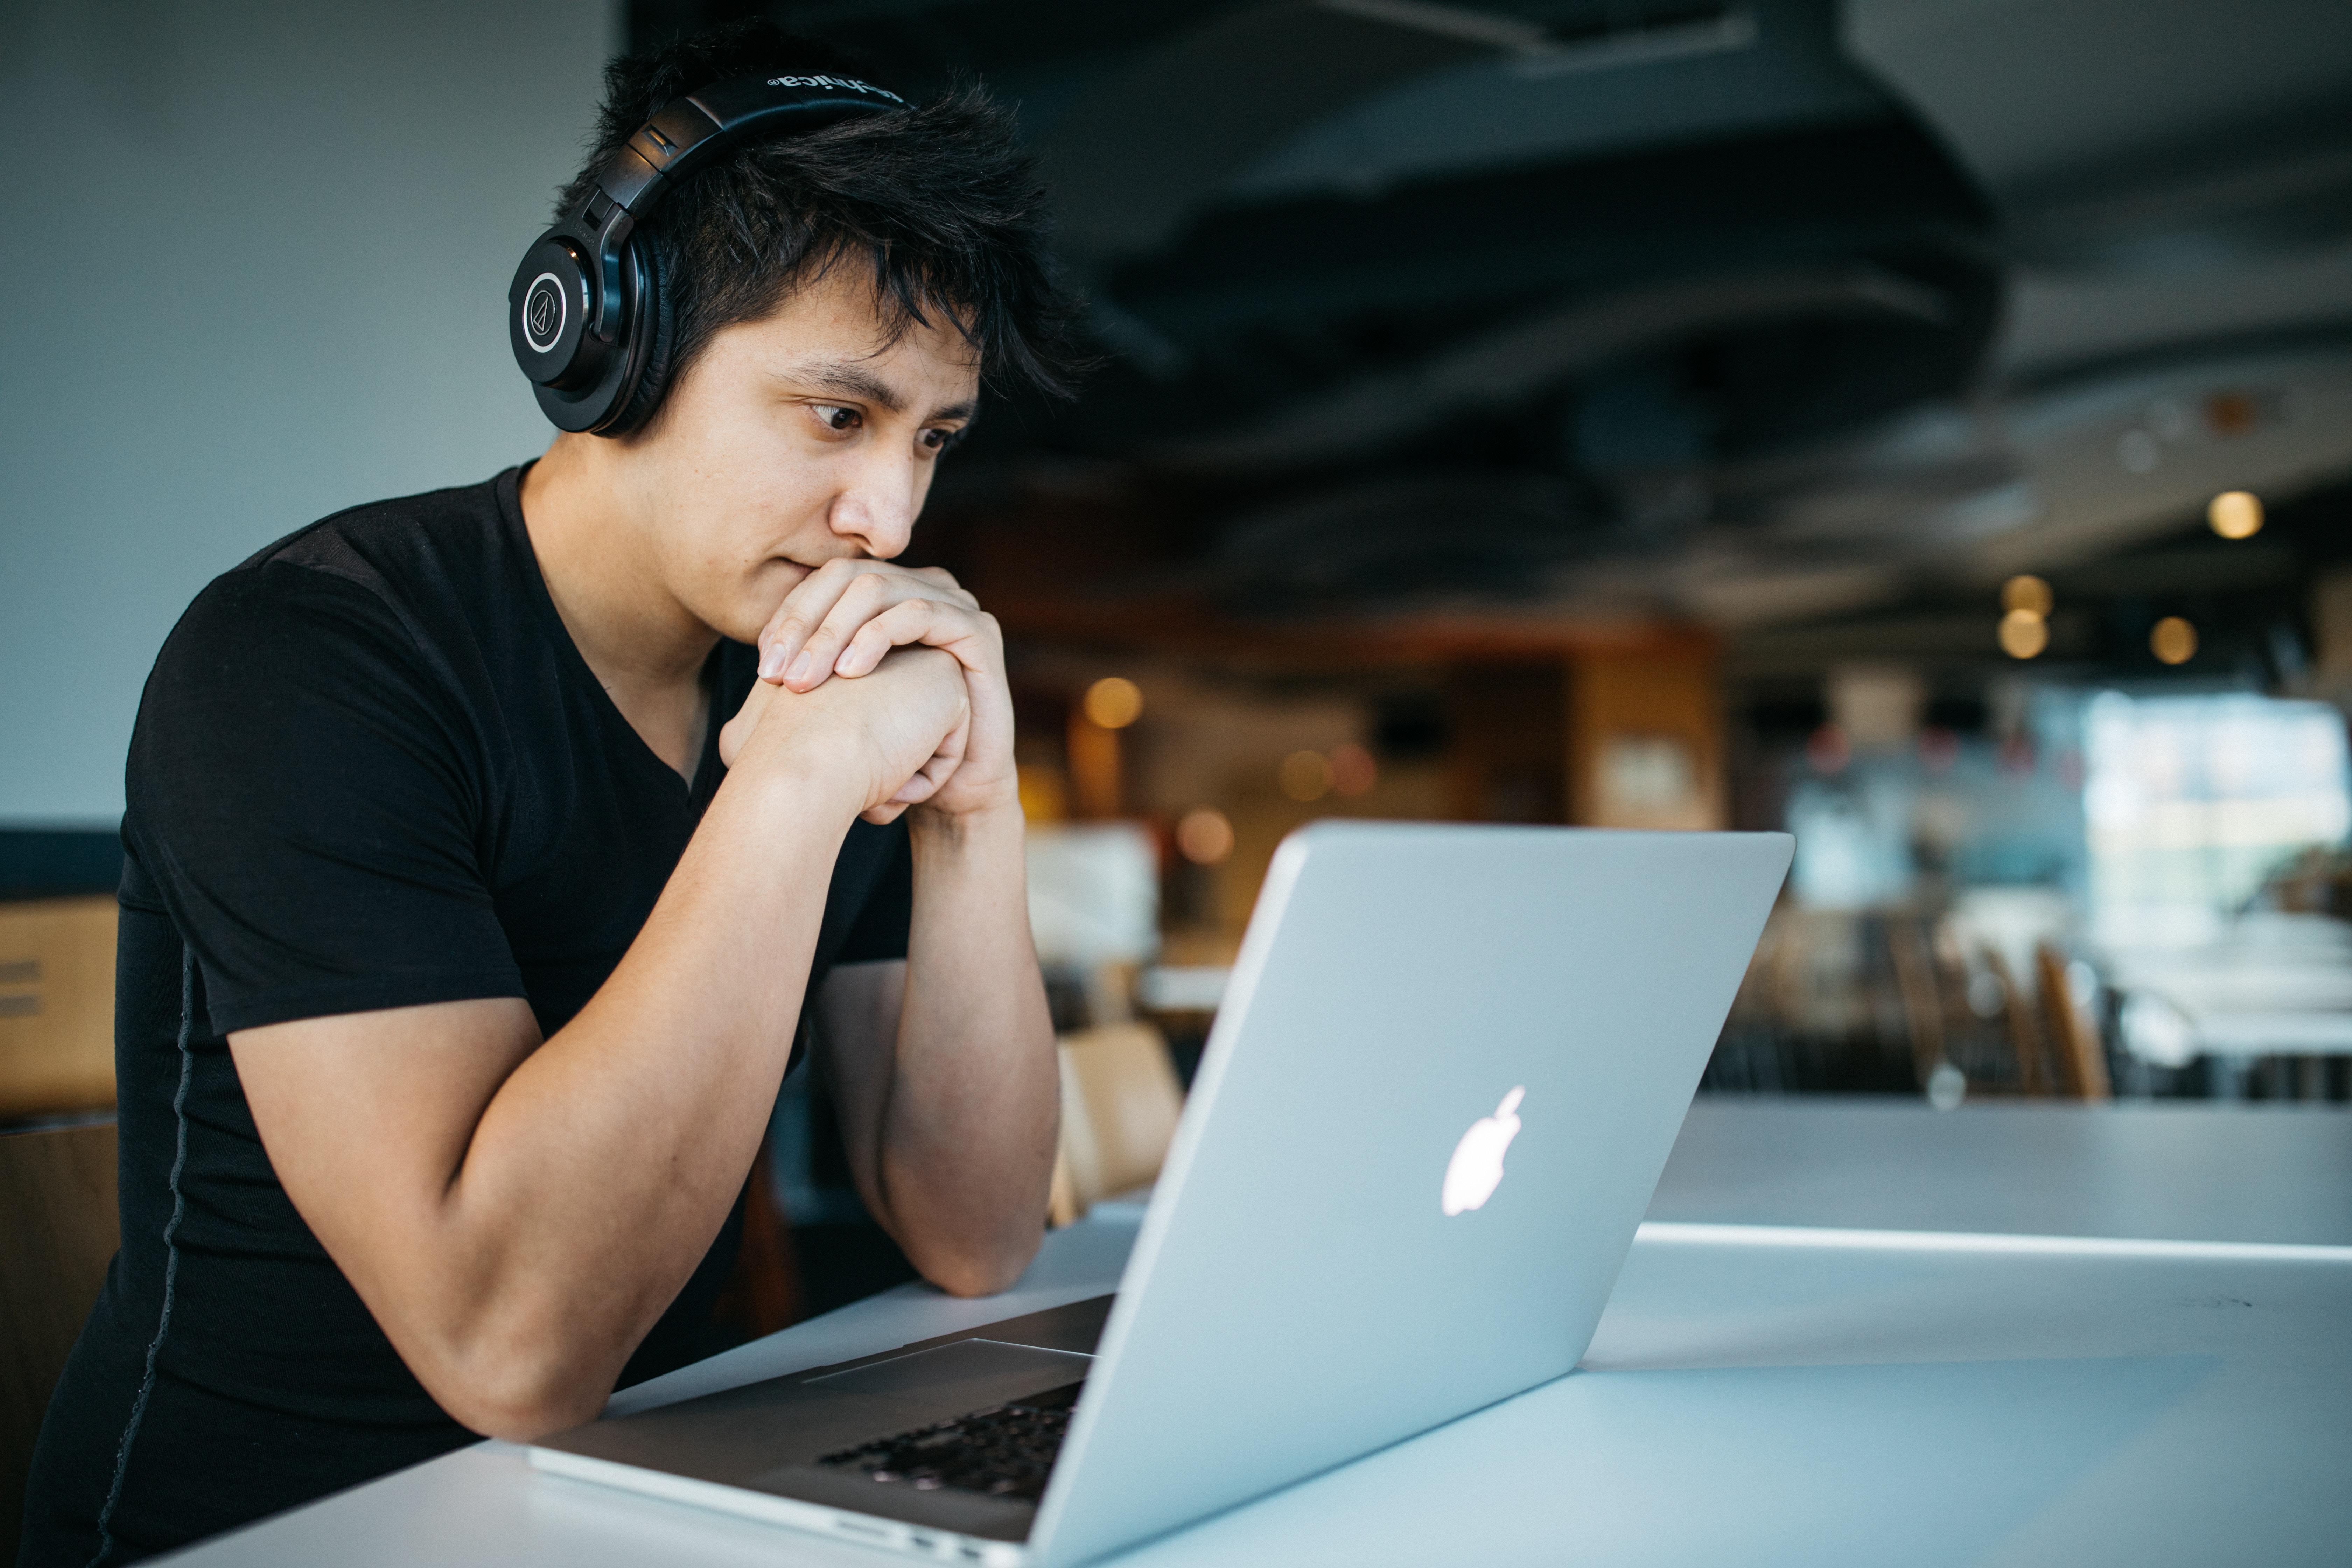 man at desk looking at laptop